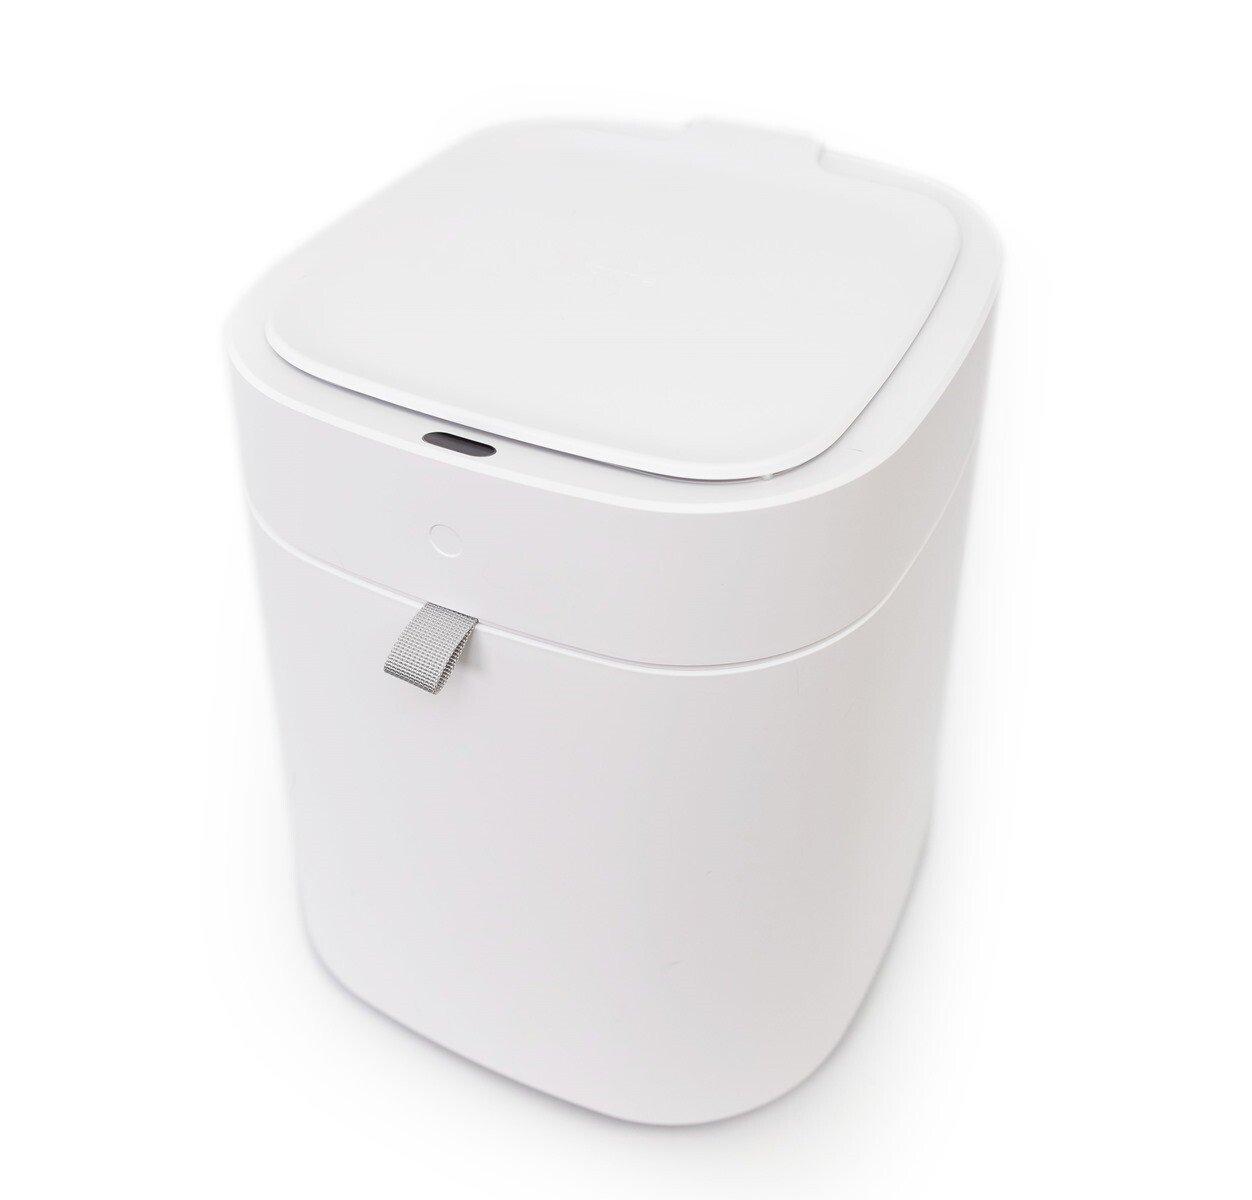 拓牛全自動垃圾桶 T Air X / T Air Lite 自動打包就是爽 @3C 達人廖阿輝